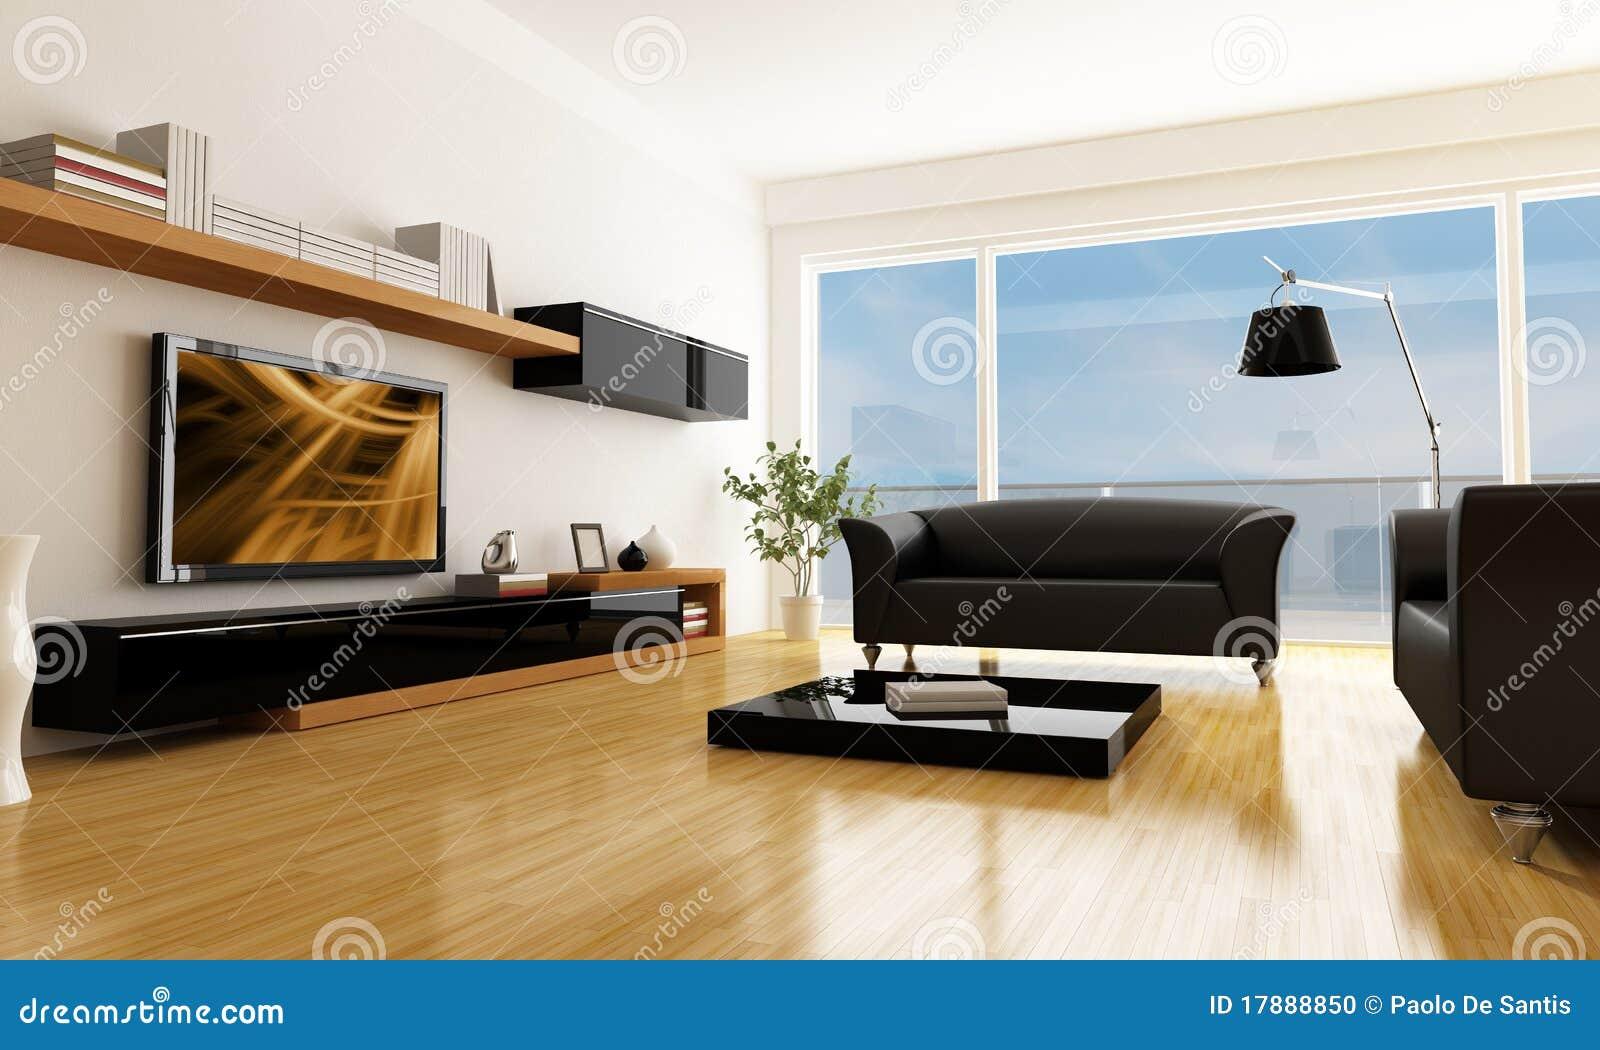 modernes wohnzimmer stockfoto - bild: 17888850, Wohnzimmer